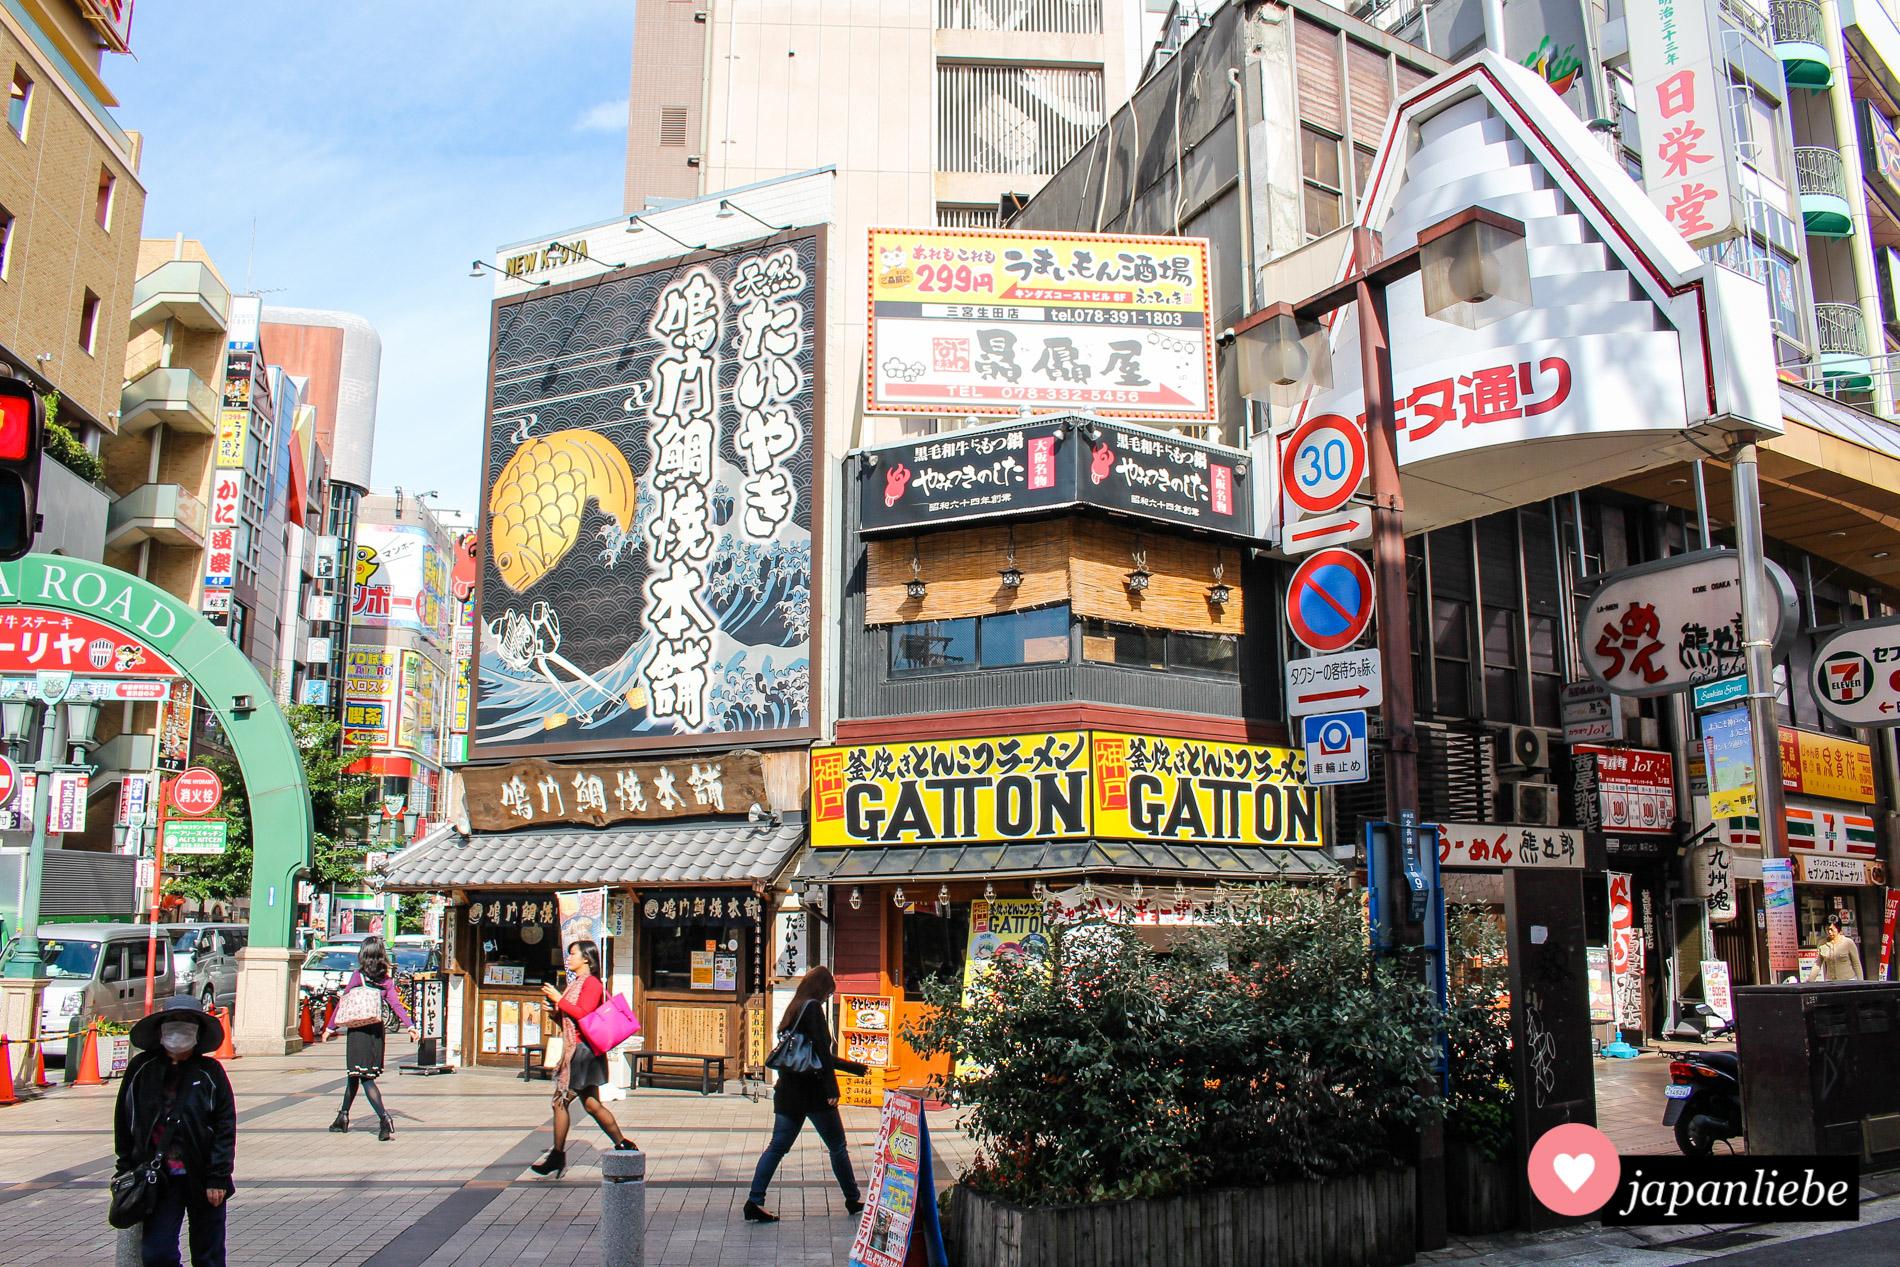 Enge Straßen, bunte Werbeanzeigen, dichtgedrängte Häuser: die Innenstadt von Kobe.